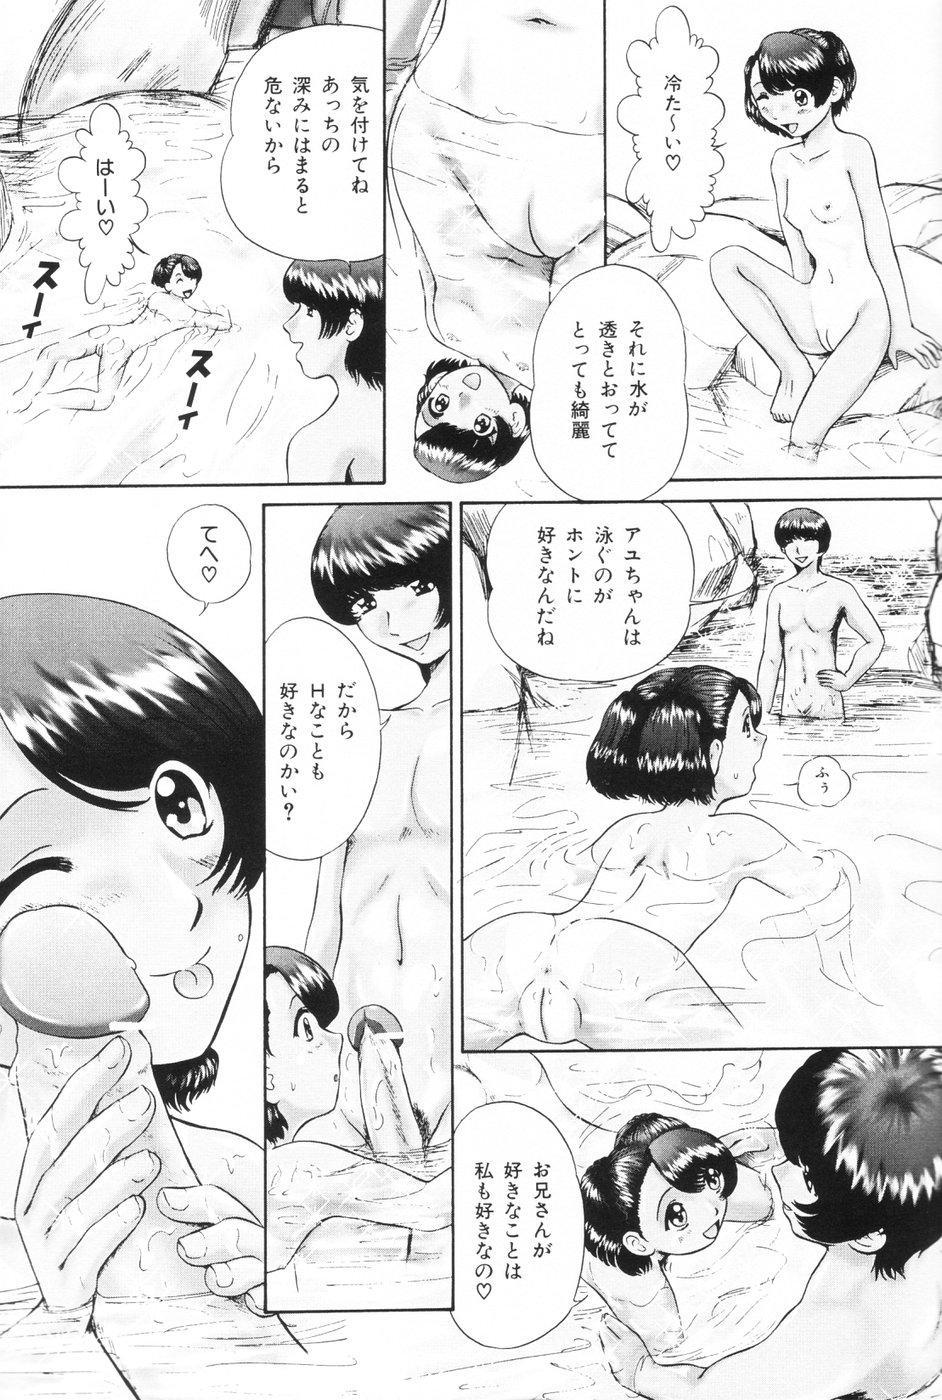 Koneko Genki!! - Powerful Pussycat!! 12